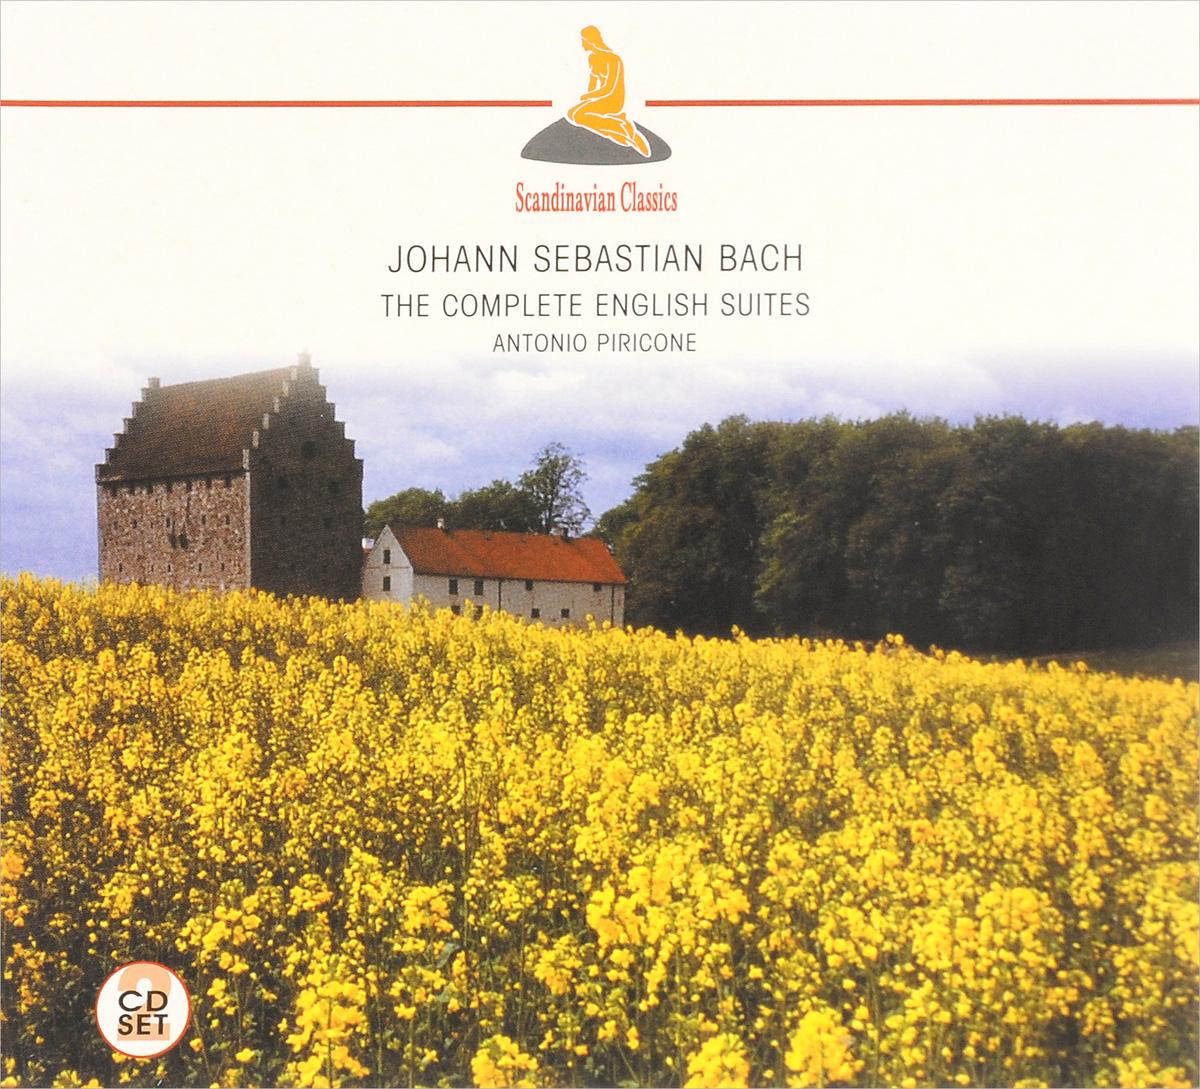 Antonio Piricone Scandinavian Classics. Antonio Piricone. Johann Sebastian Bach. The Complete English Suites (2 CD) мюррей перайа murray perahia bach english suites